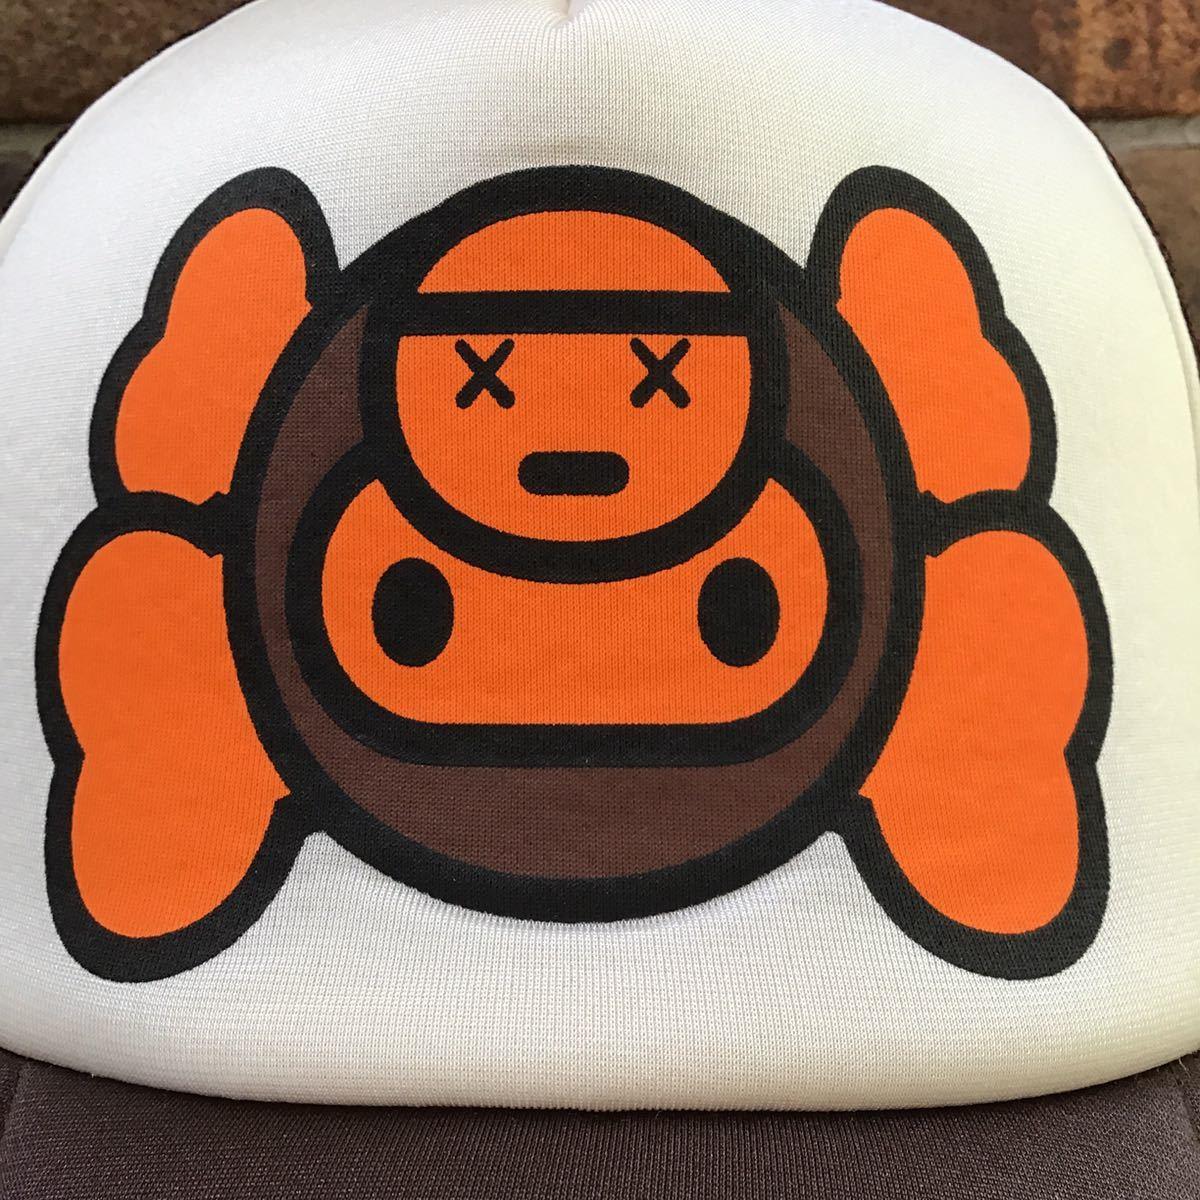 ★激レア★ kaws milo メッシュ キャップ a bathing ape BAPE マイロ エイプ ベイプ アベイシングエイプ カウズ 帽子 trucker hat cap 5231